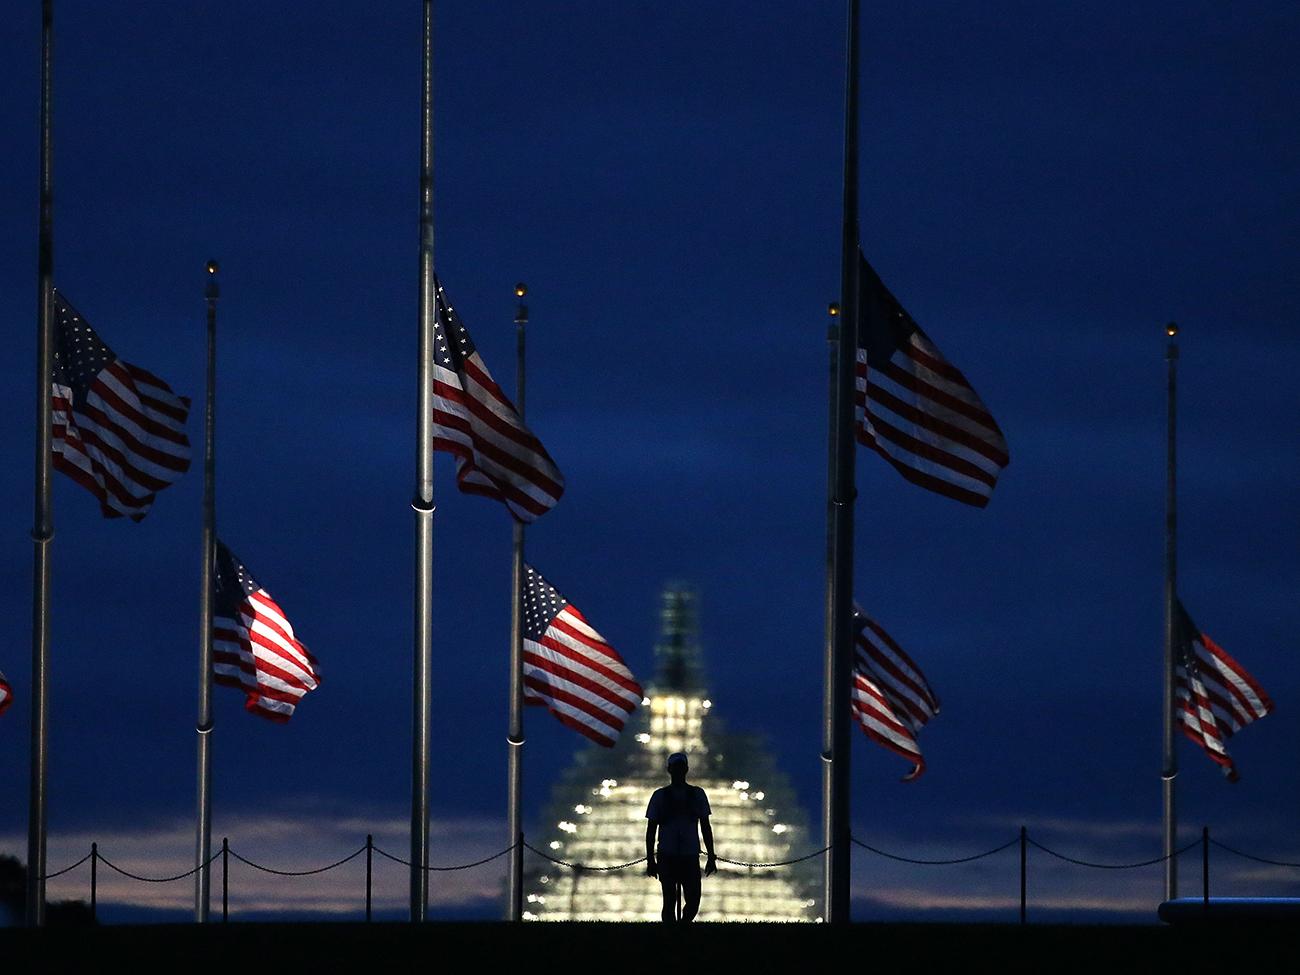 Вашингтон, округ Колумбия. Человек проходит мимо американских флагов, приспущенных в память о терактах во Всемирном торговом центре и Пентагоне. 11 сентября исполнилось 14 лет со дня трагедии. Фото Mark Wilson/Getty Images